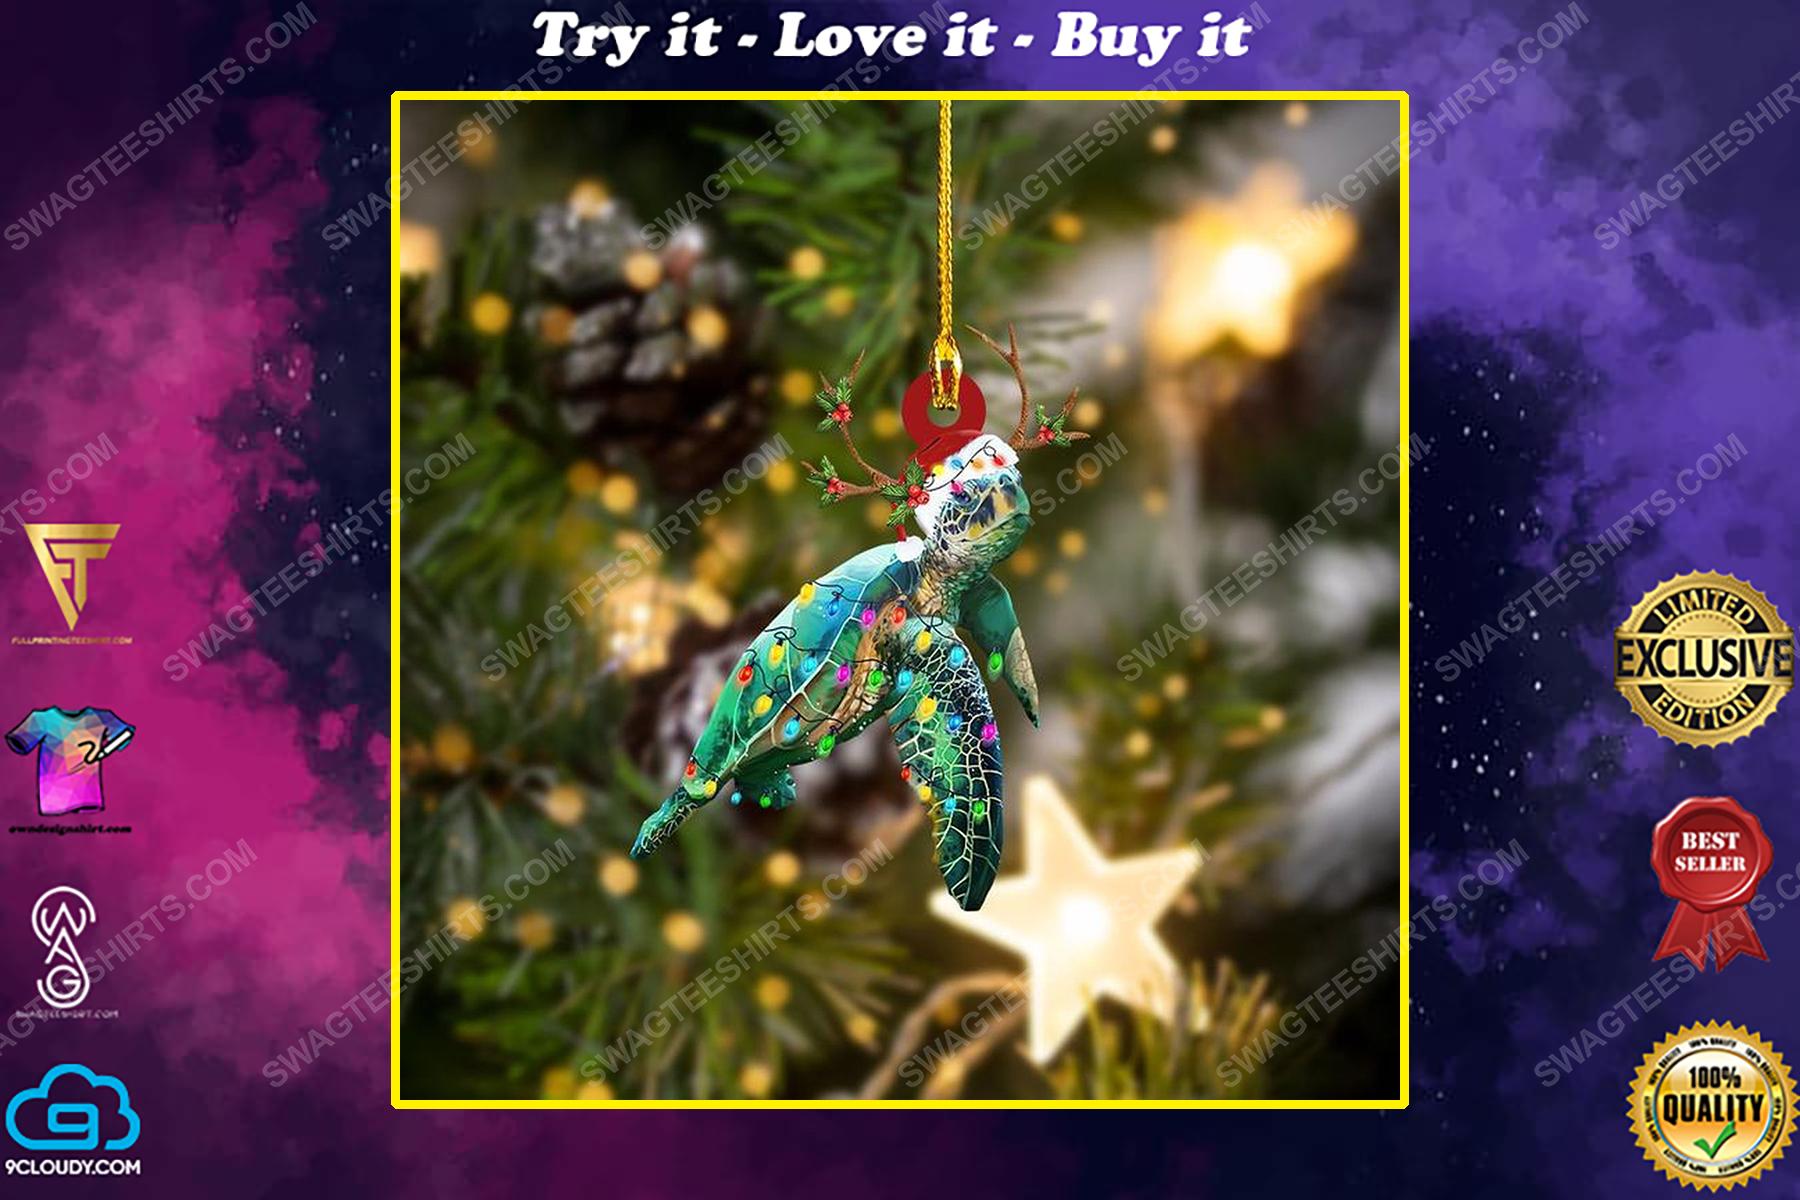 Sea turtle and christmas light christmas gift ornament